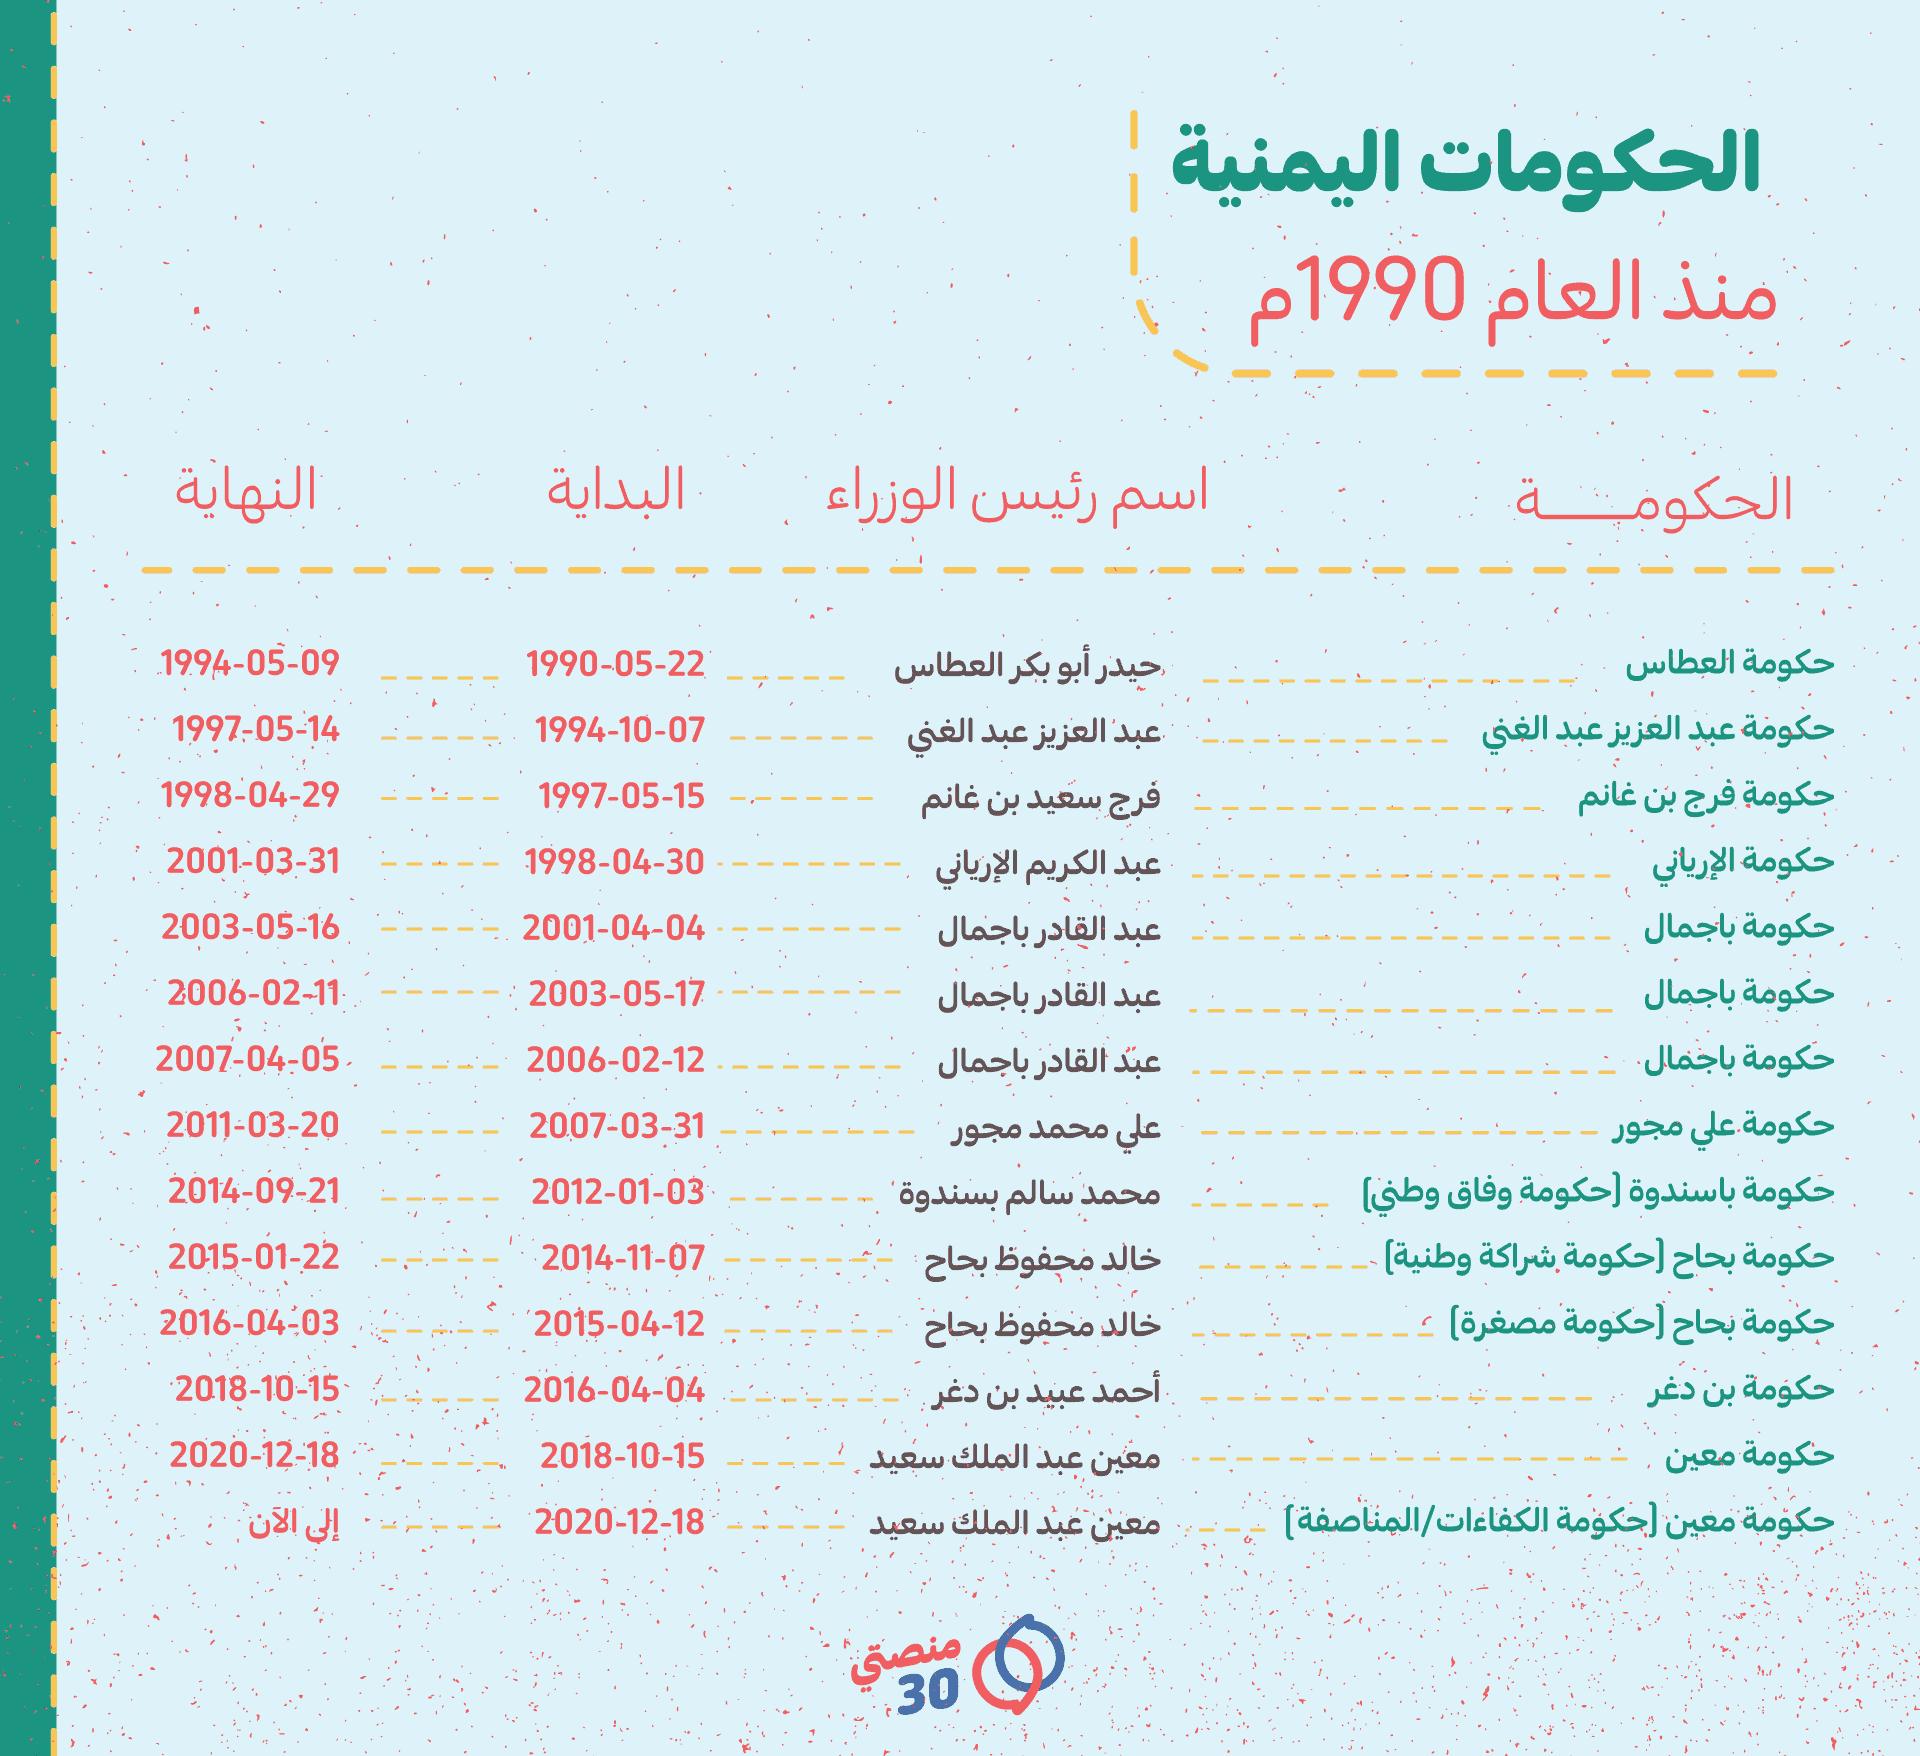 الحكومات اليمنية بعد الوحدة